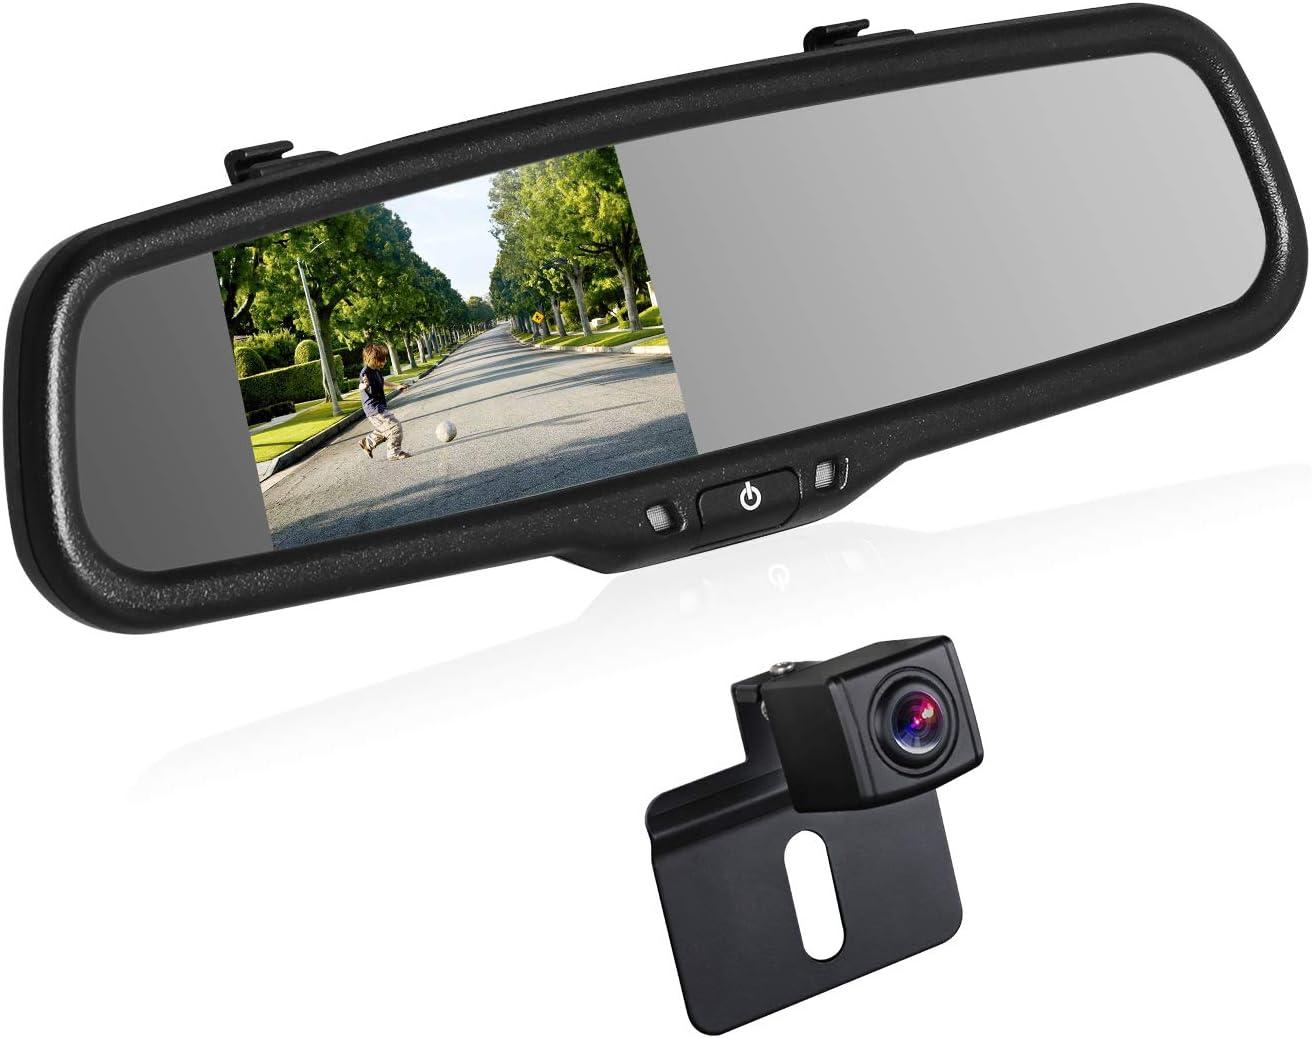 Boscam K2 Rückfahrkamera Set Rückfahrkamera Drahtlos Elektronik